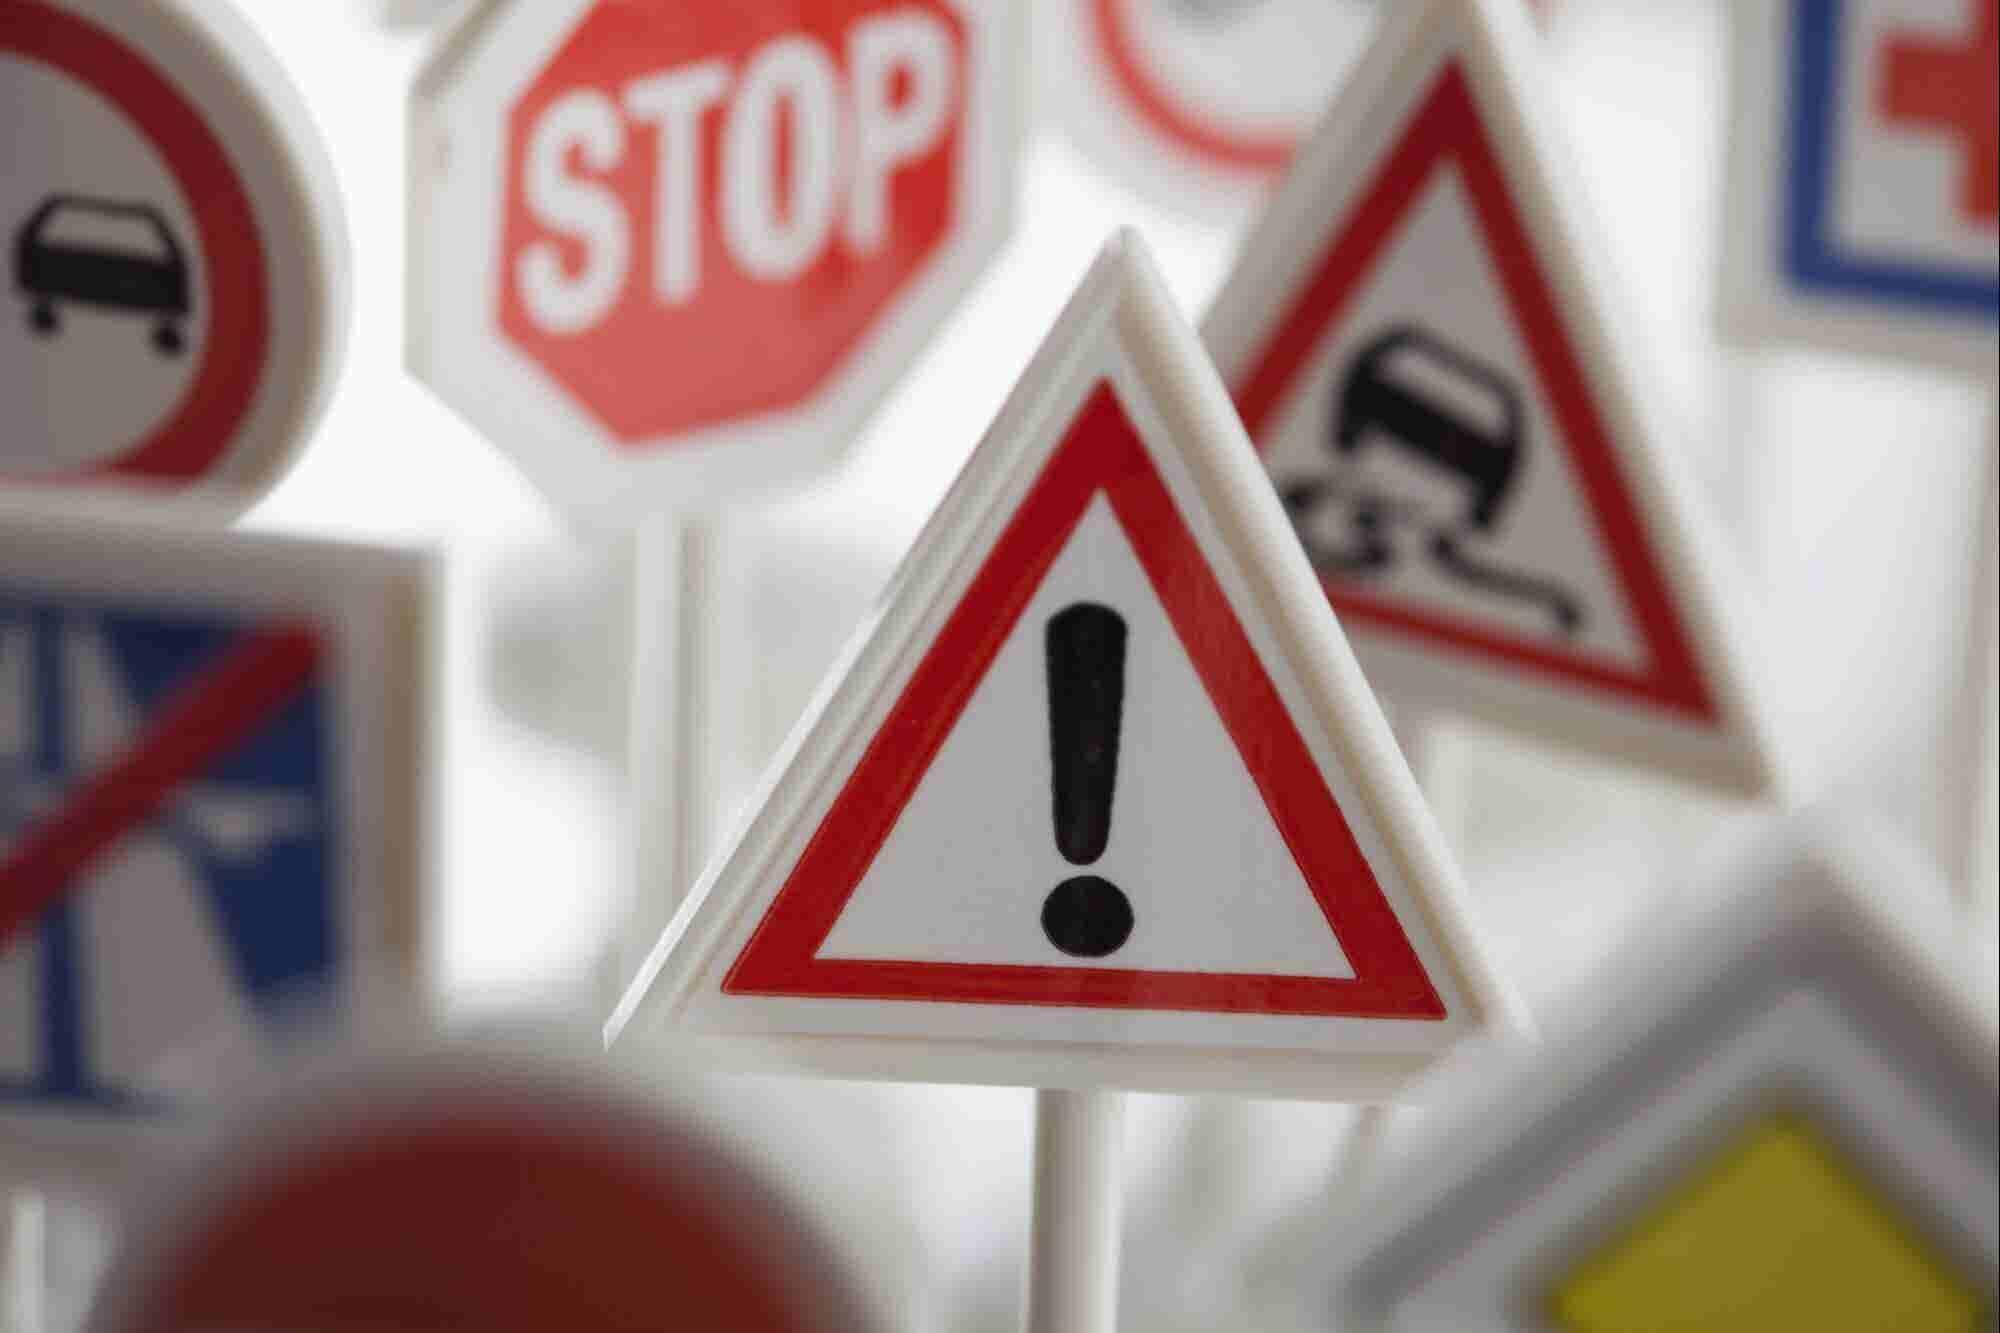 ¡Atención! Estas son las 4 señales a las que debes poner atención cuando te va bien en tu negocio